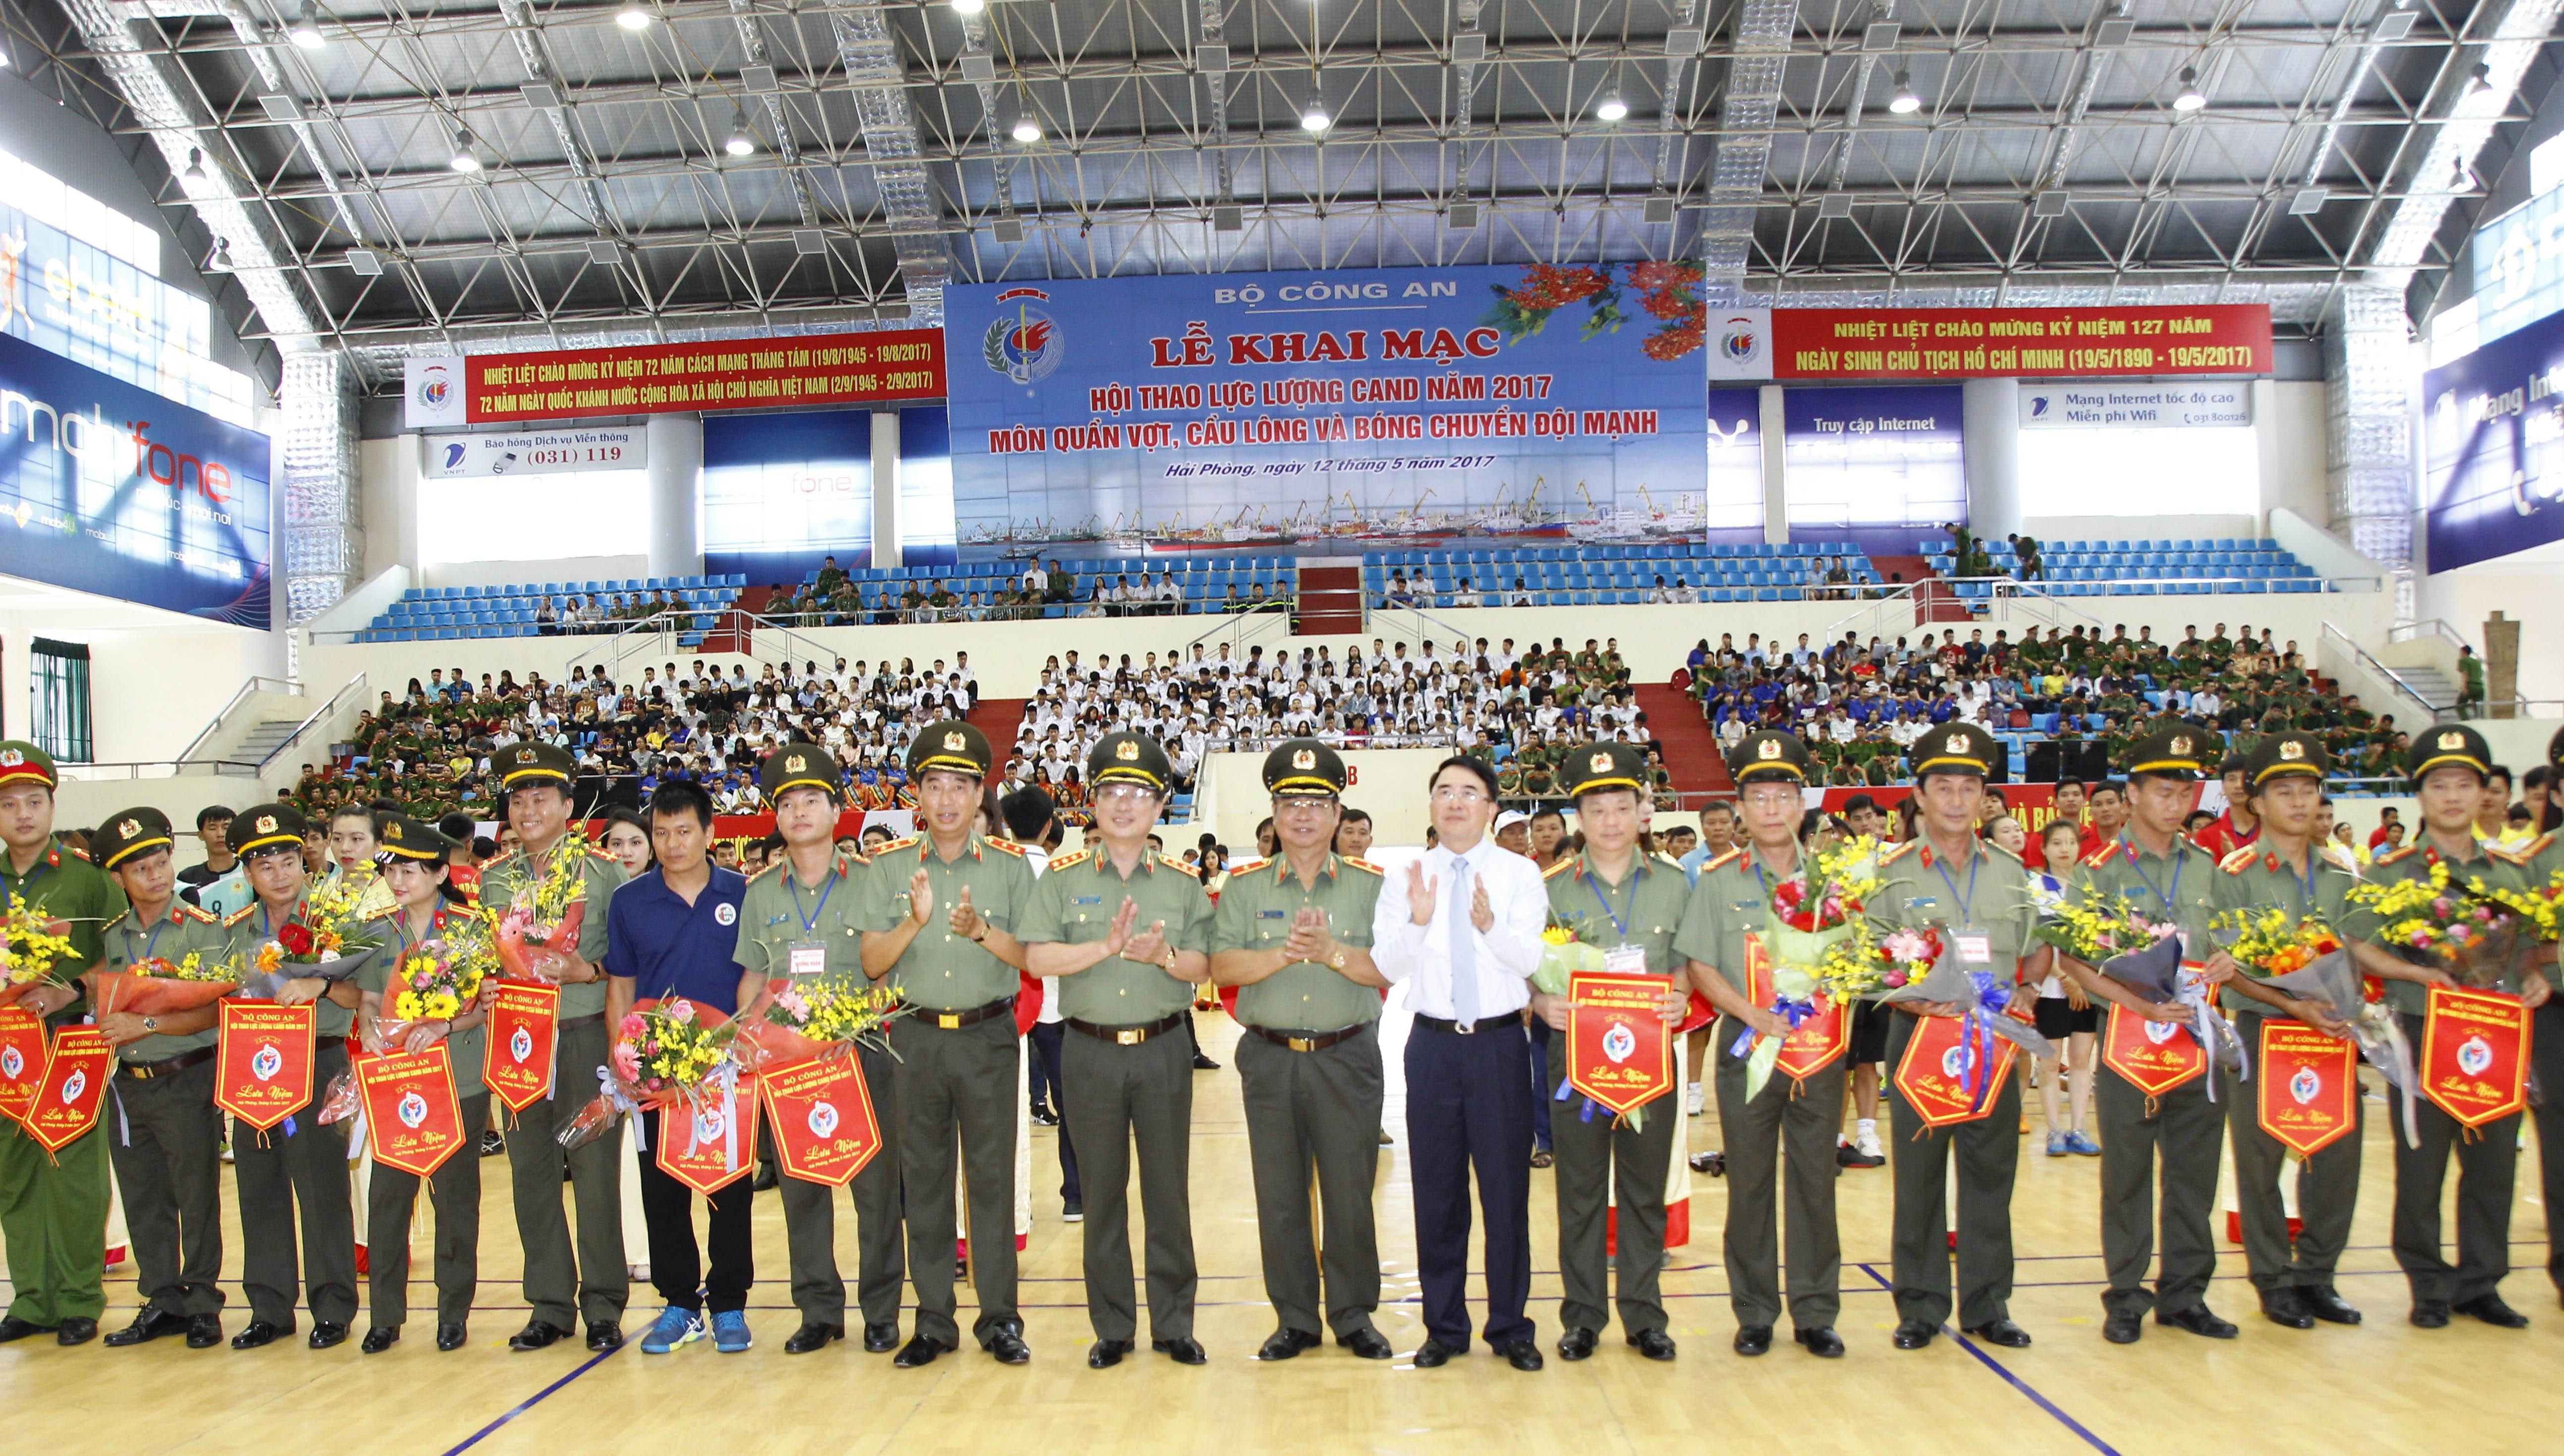 Hội thao lực lượng Công an nhân dân năm 2017